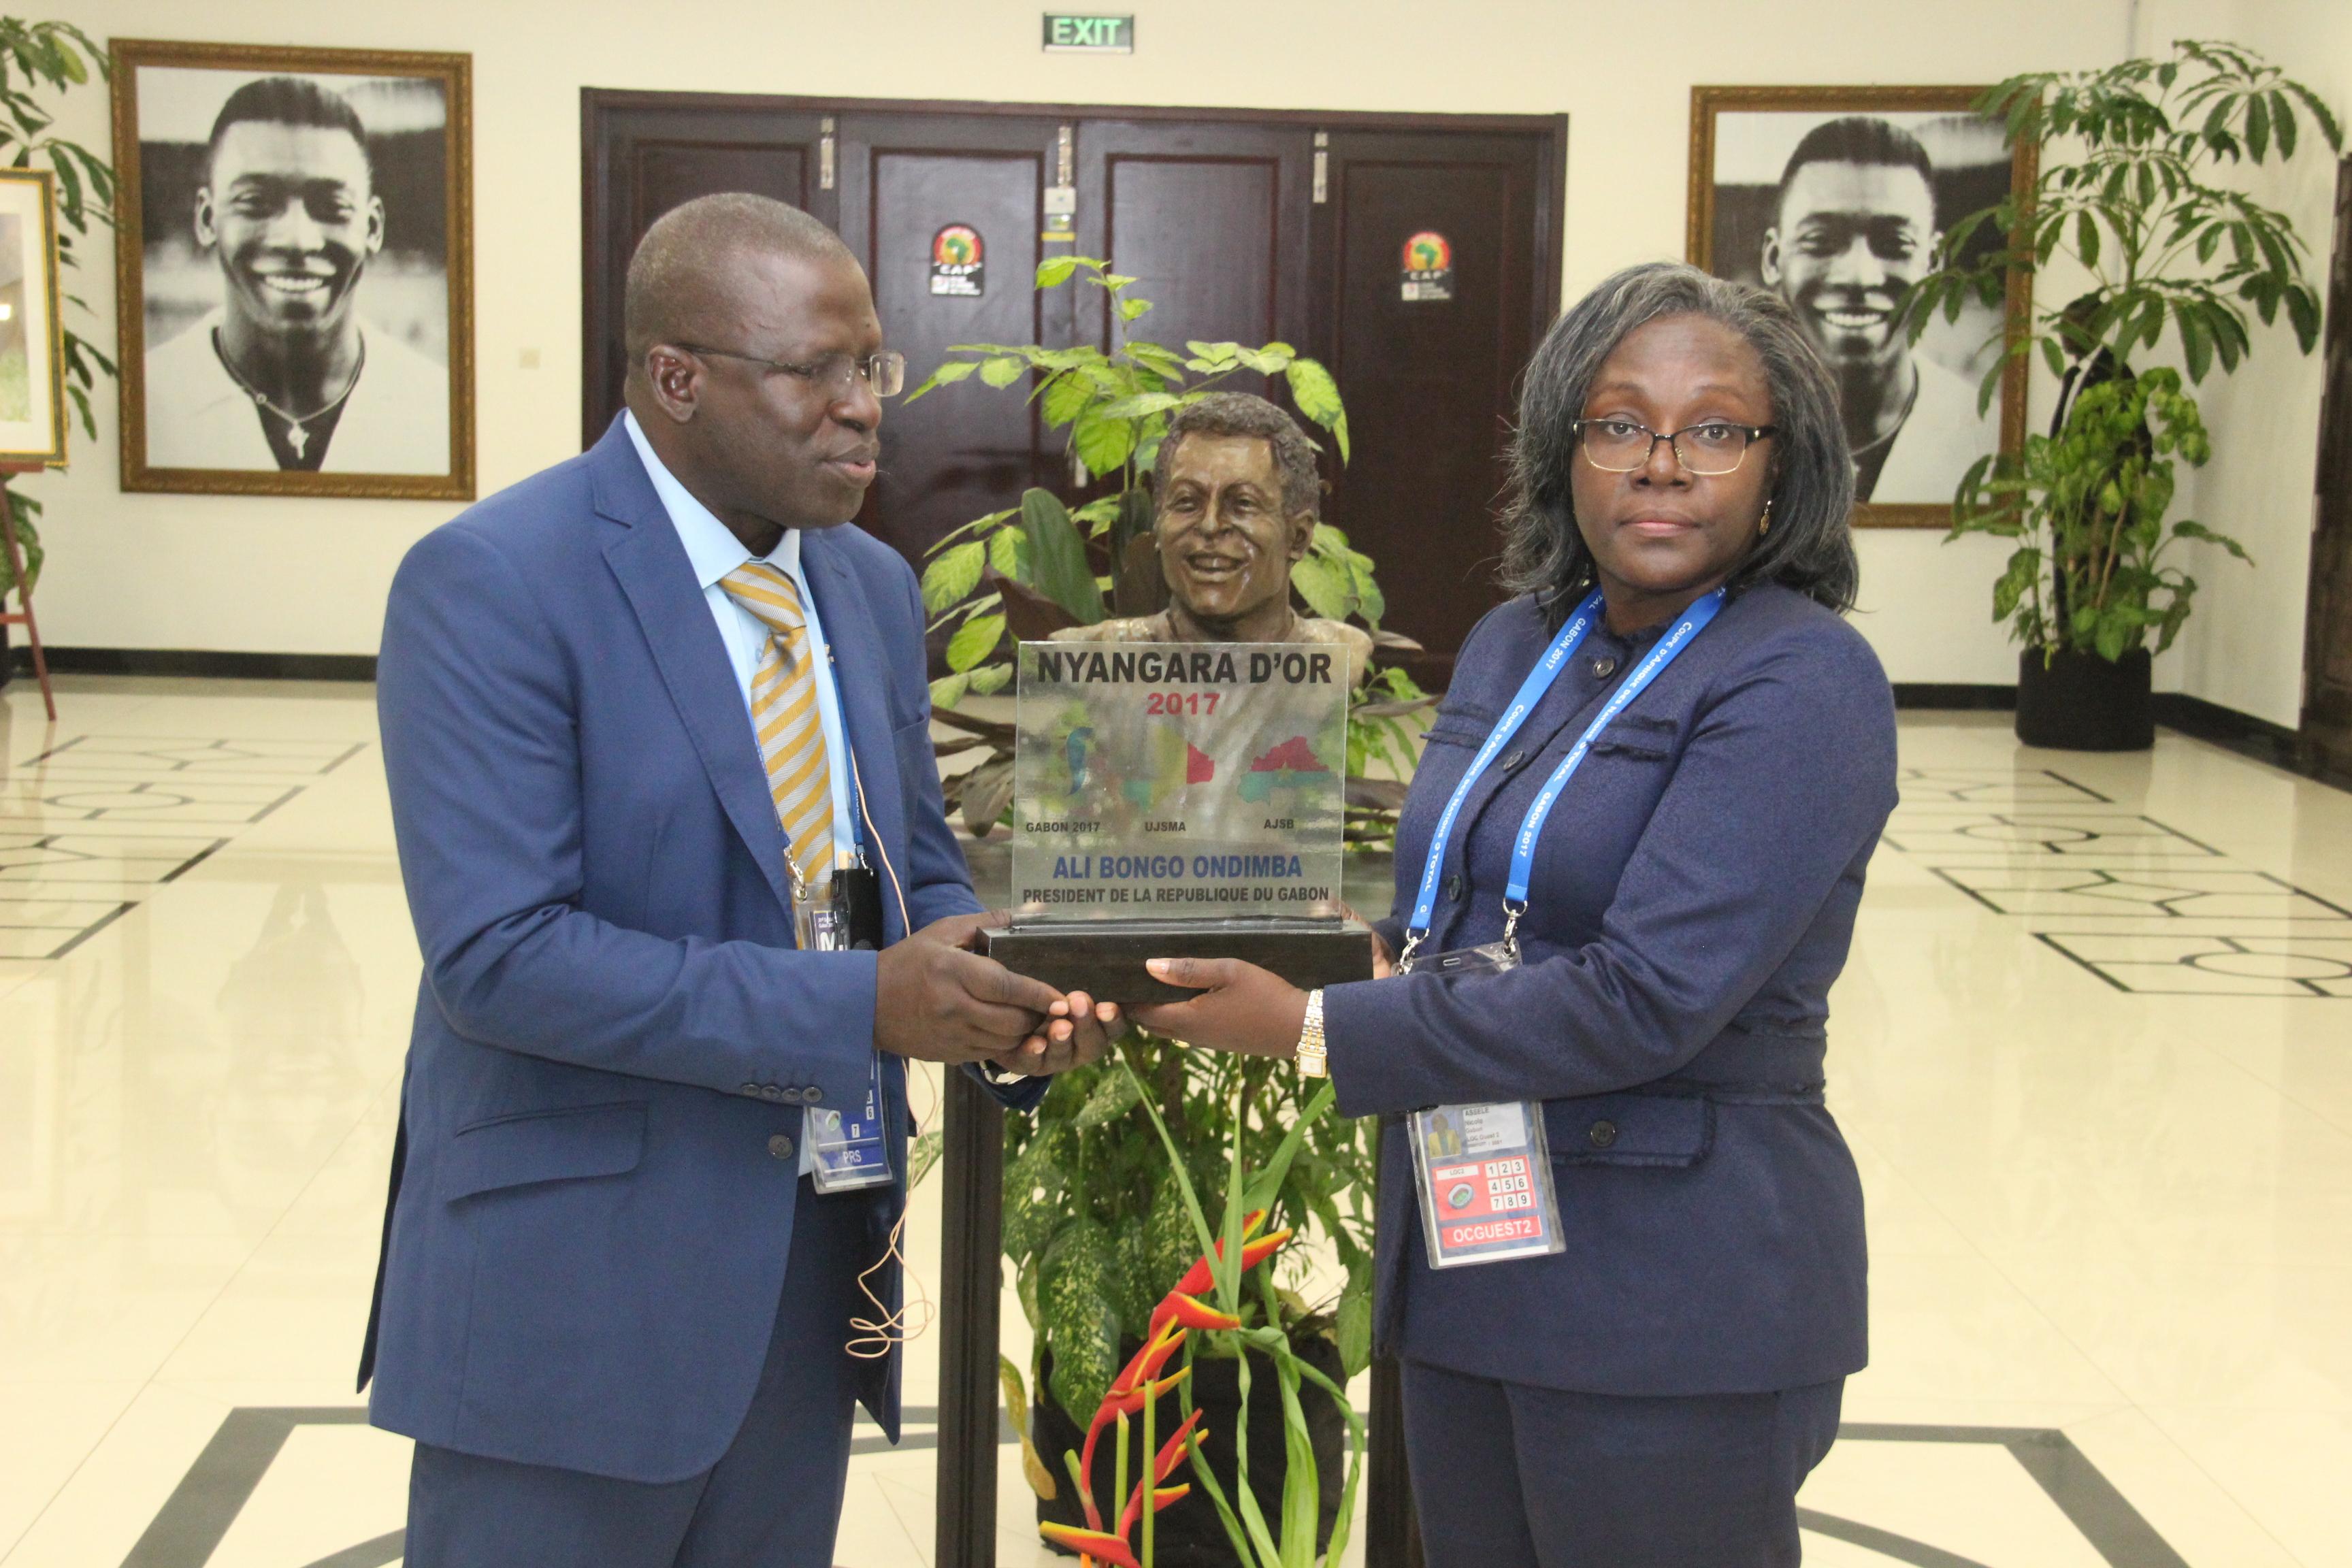 CAN GABON 2017 : Le mérite de dirigeants reconnu par des journalistes africains